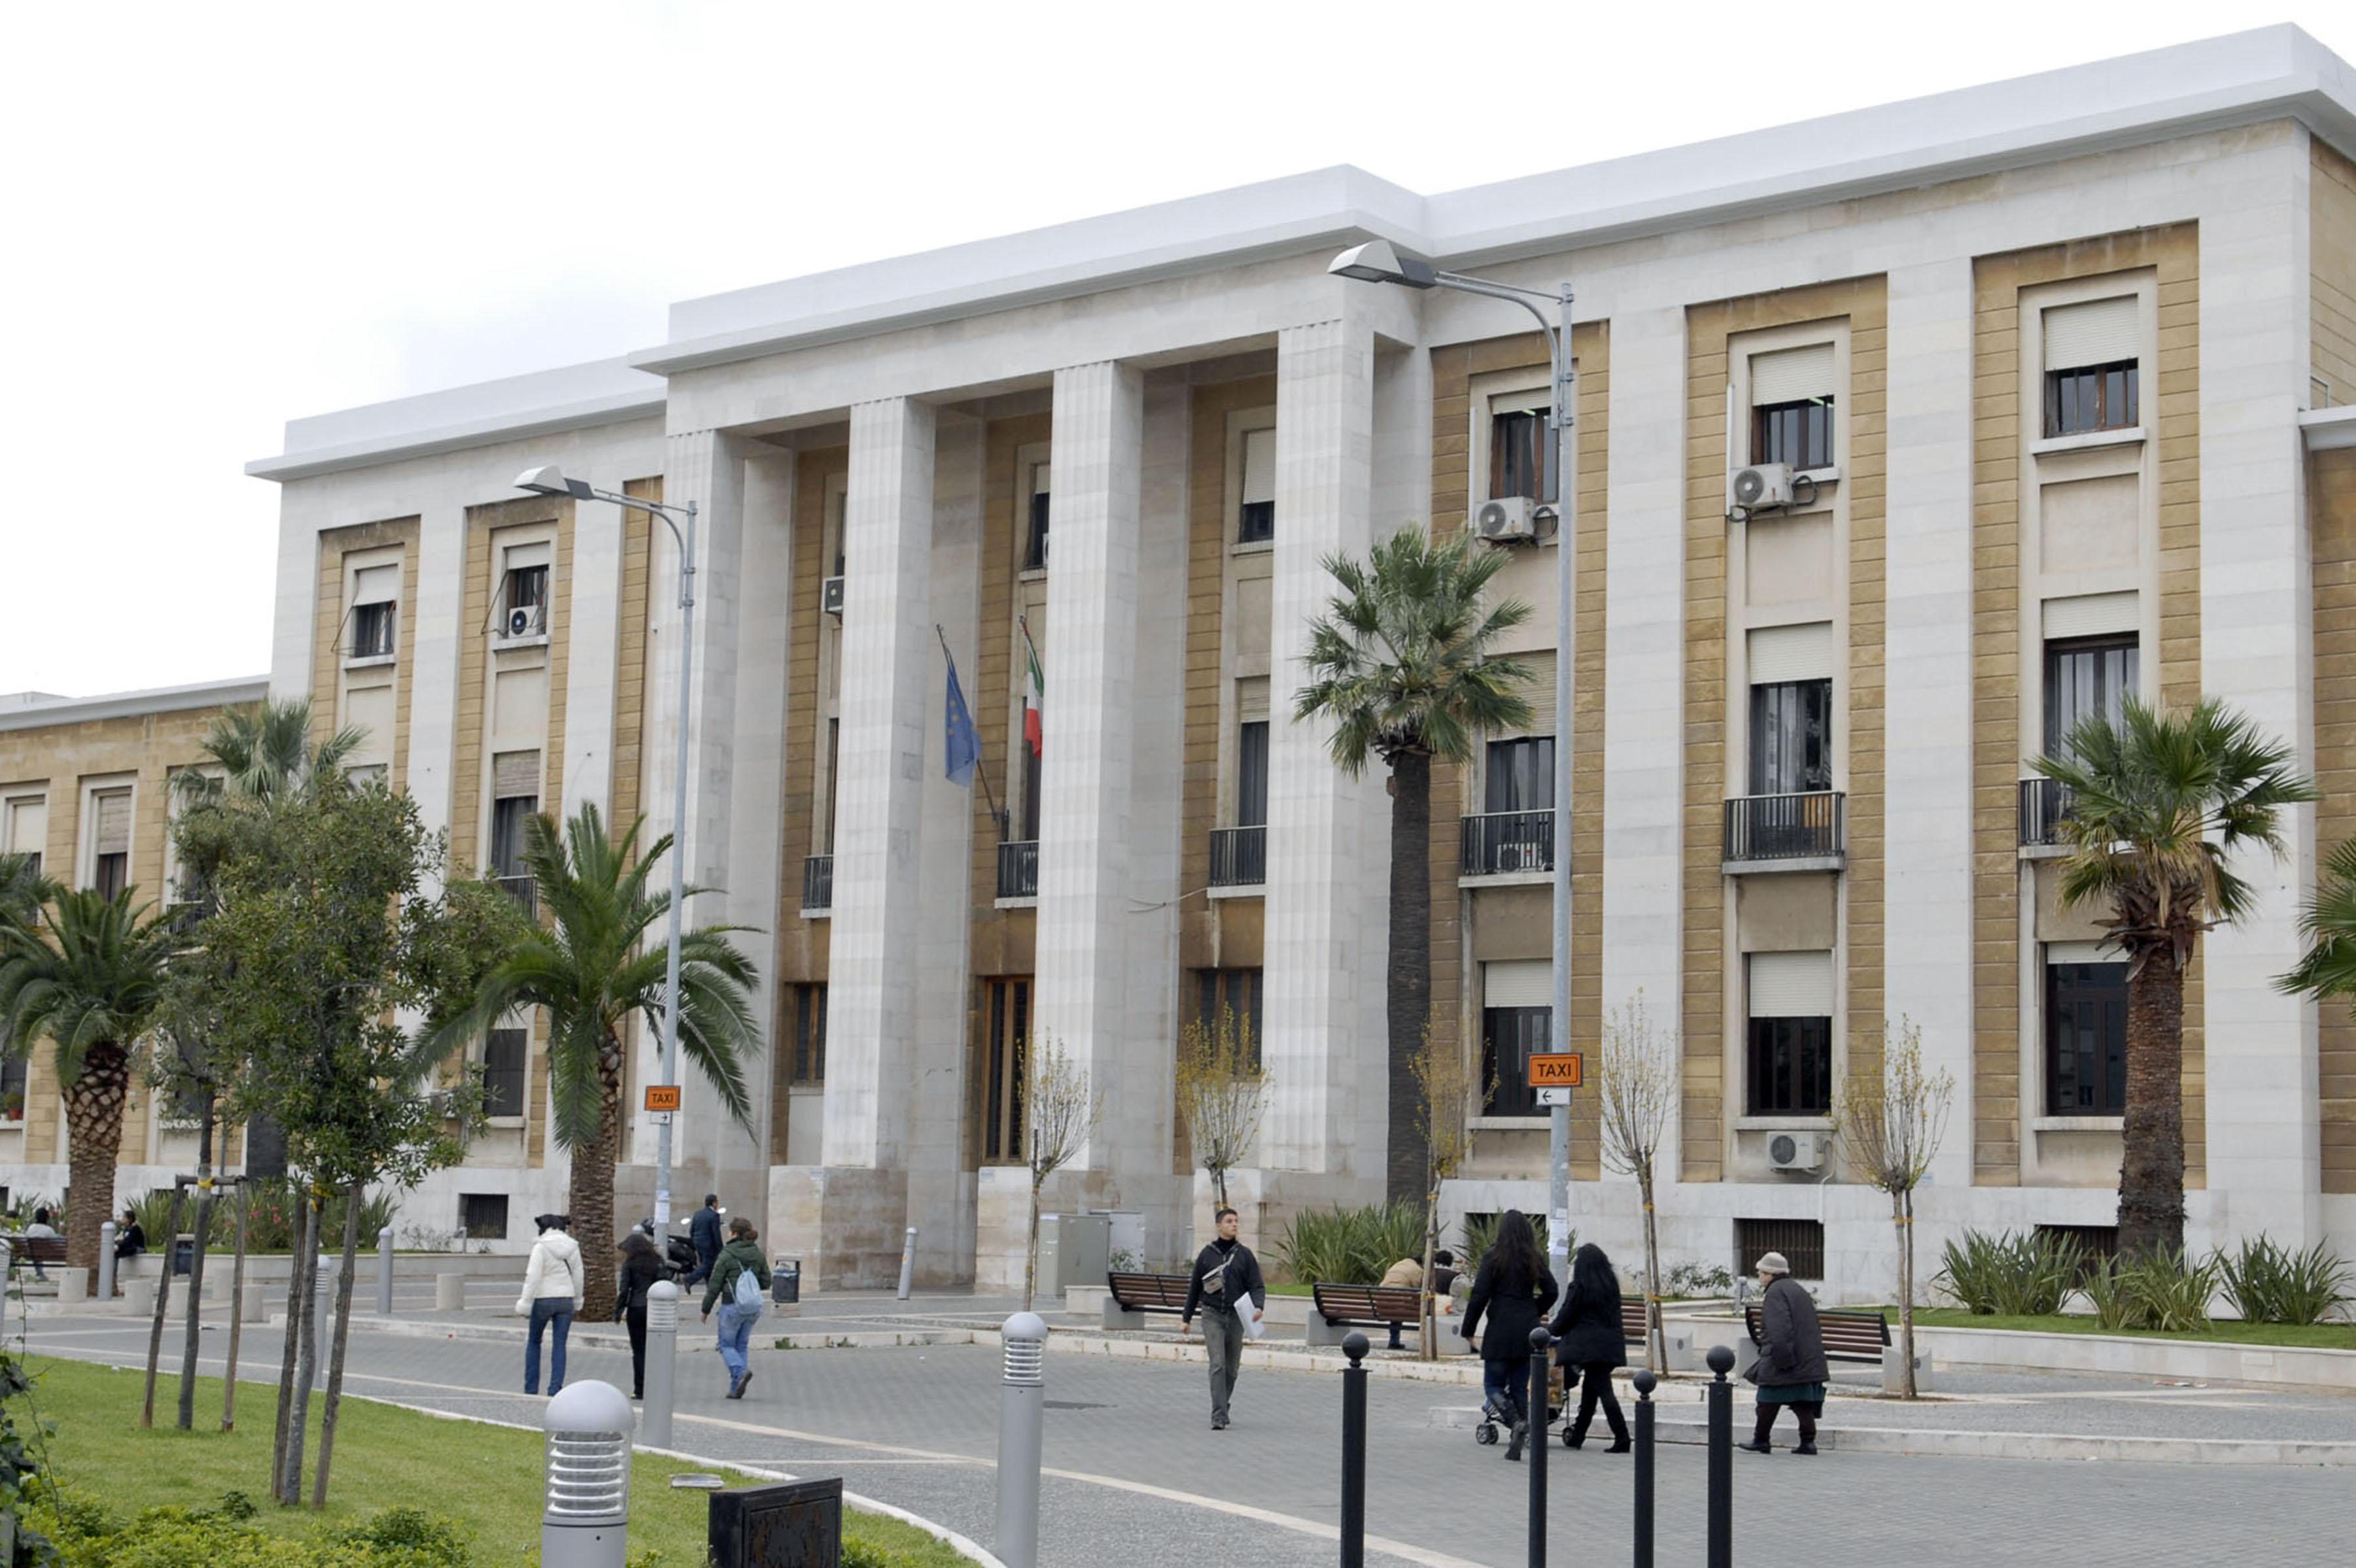 Corona virus a Bari, sono quattro le persone ricoverate al Policlinico in condizioni critiche e ora risultano essere guarite